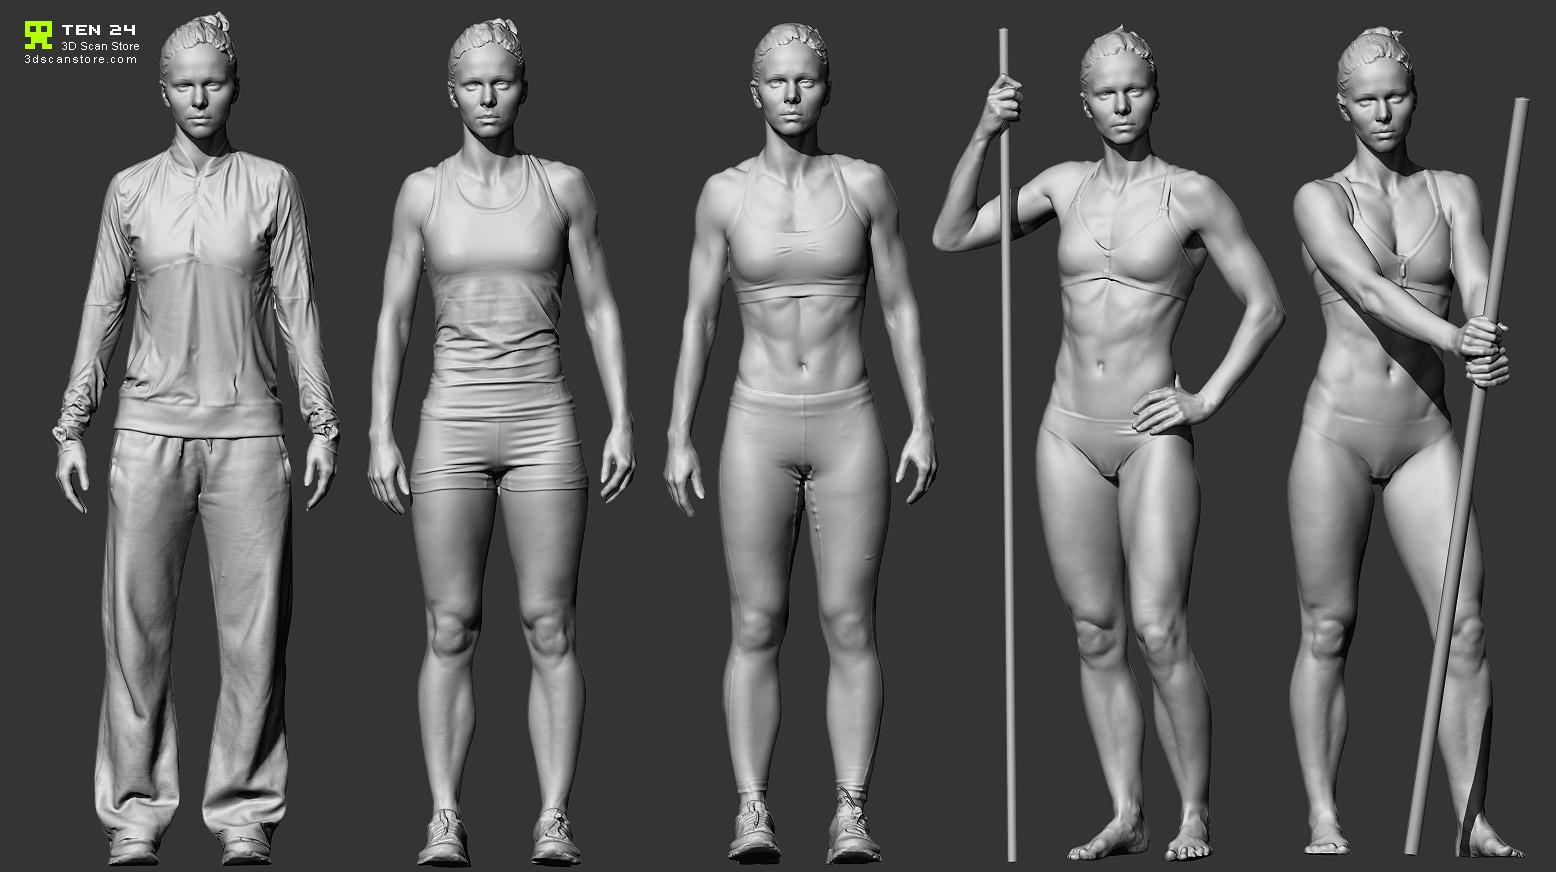 3D fokingimage pics porn movie